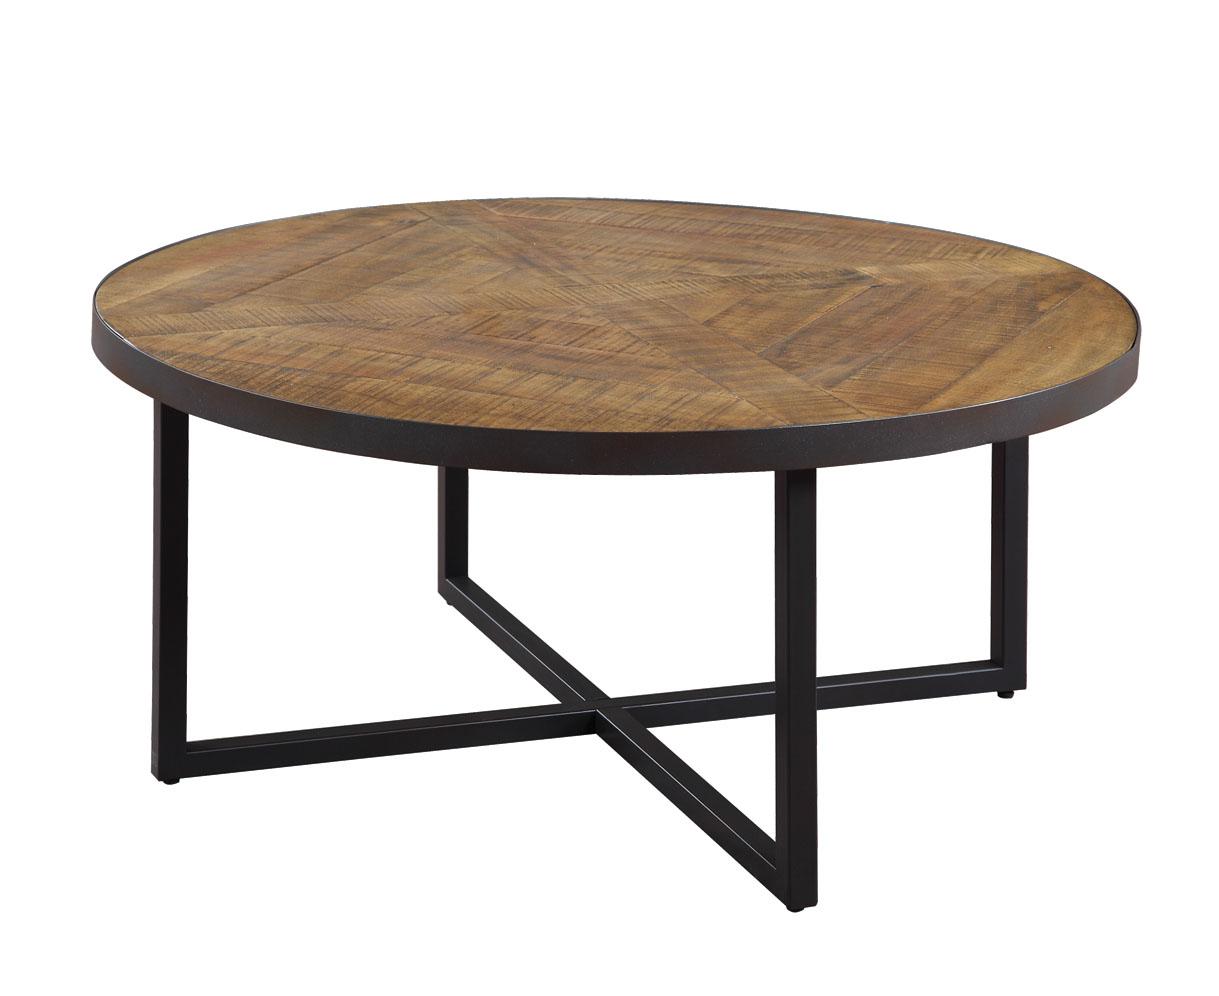 Denton Coffee Table More Decor